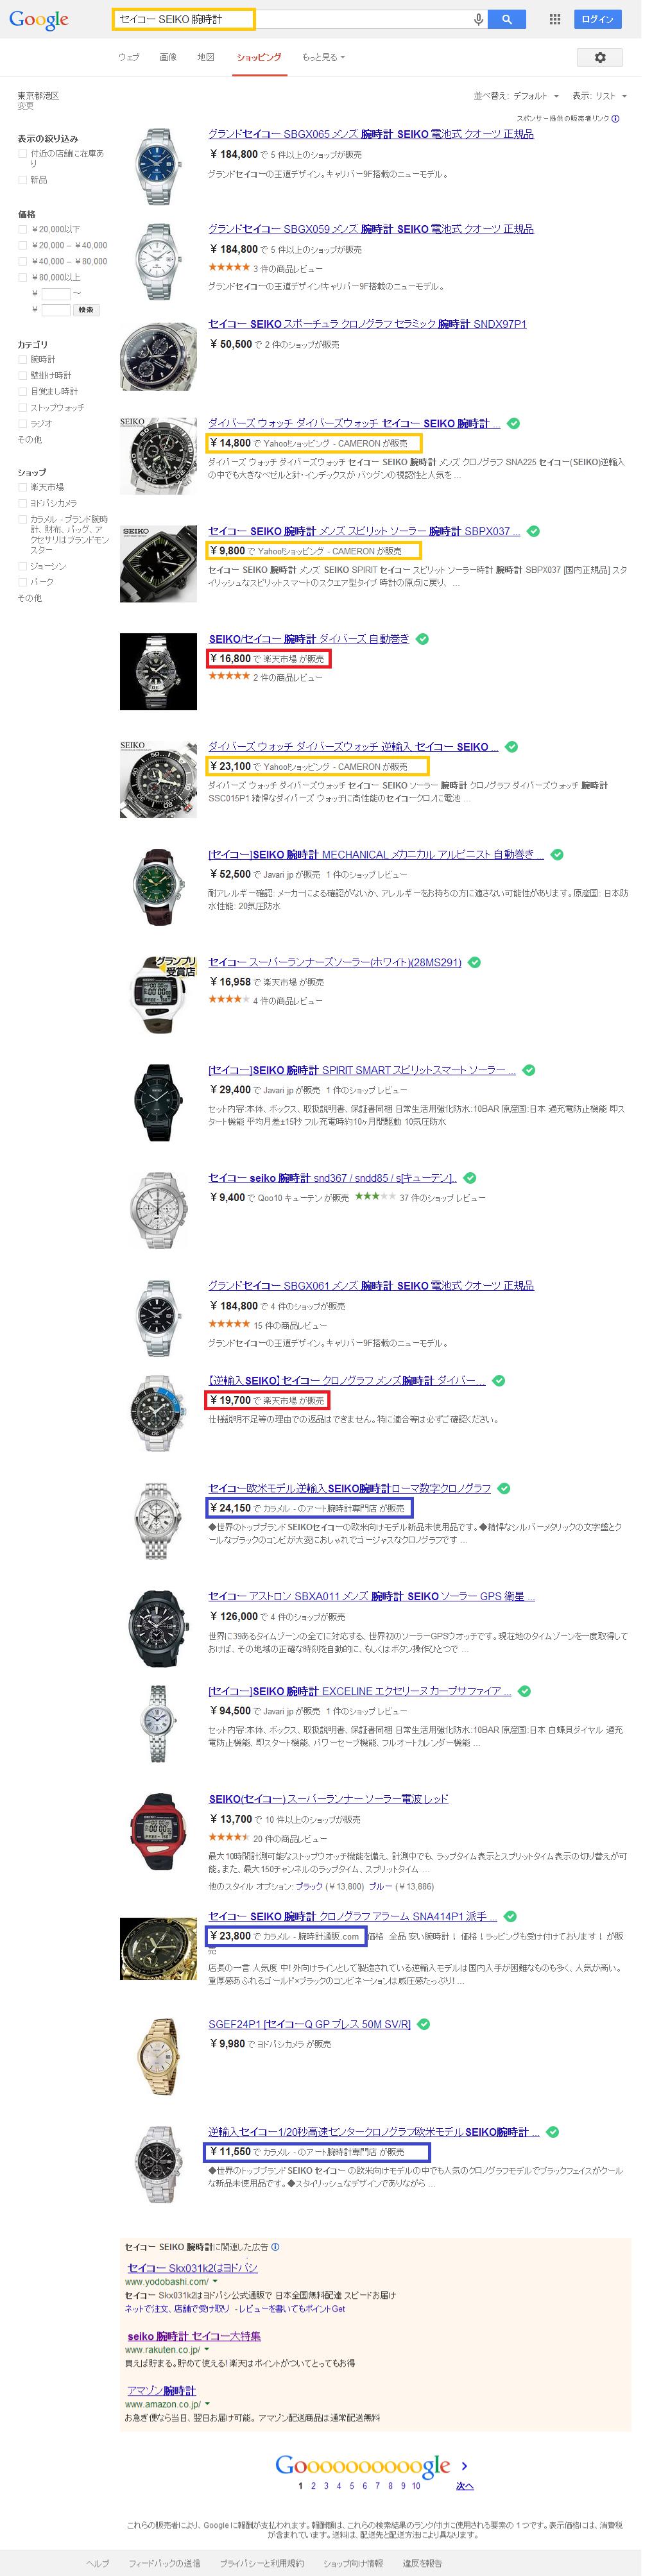 セイコー SEIKO 腕時計   Google 検索_s1.png